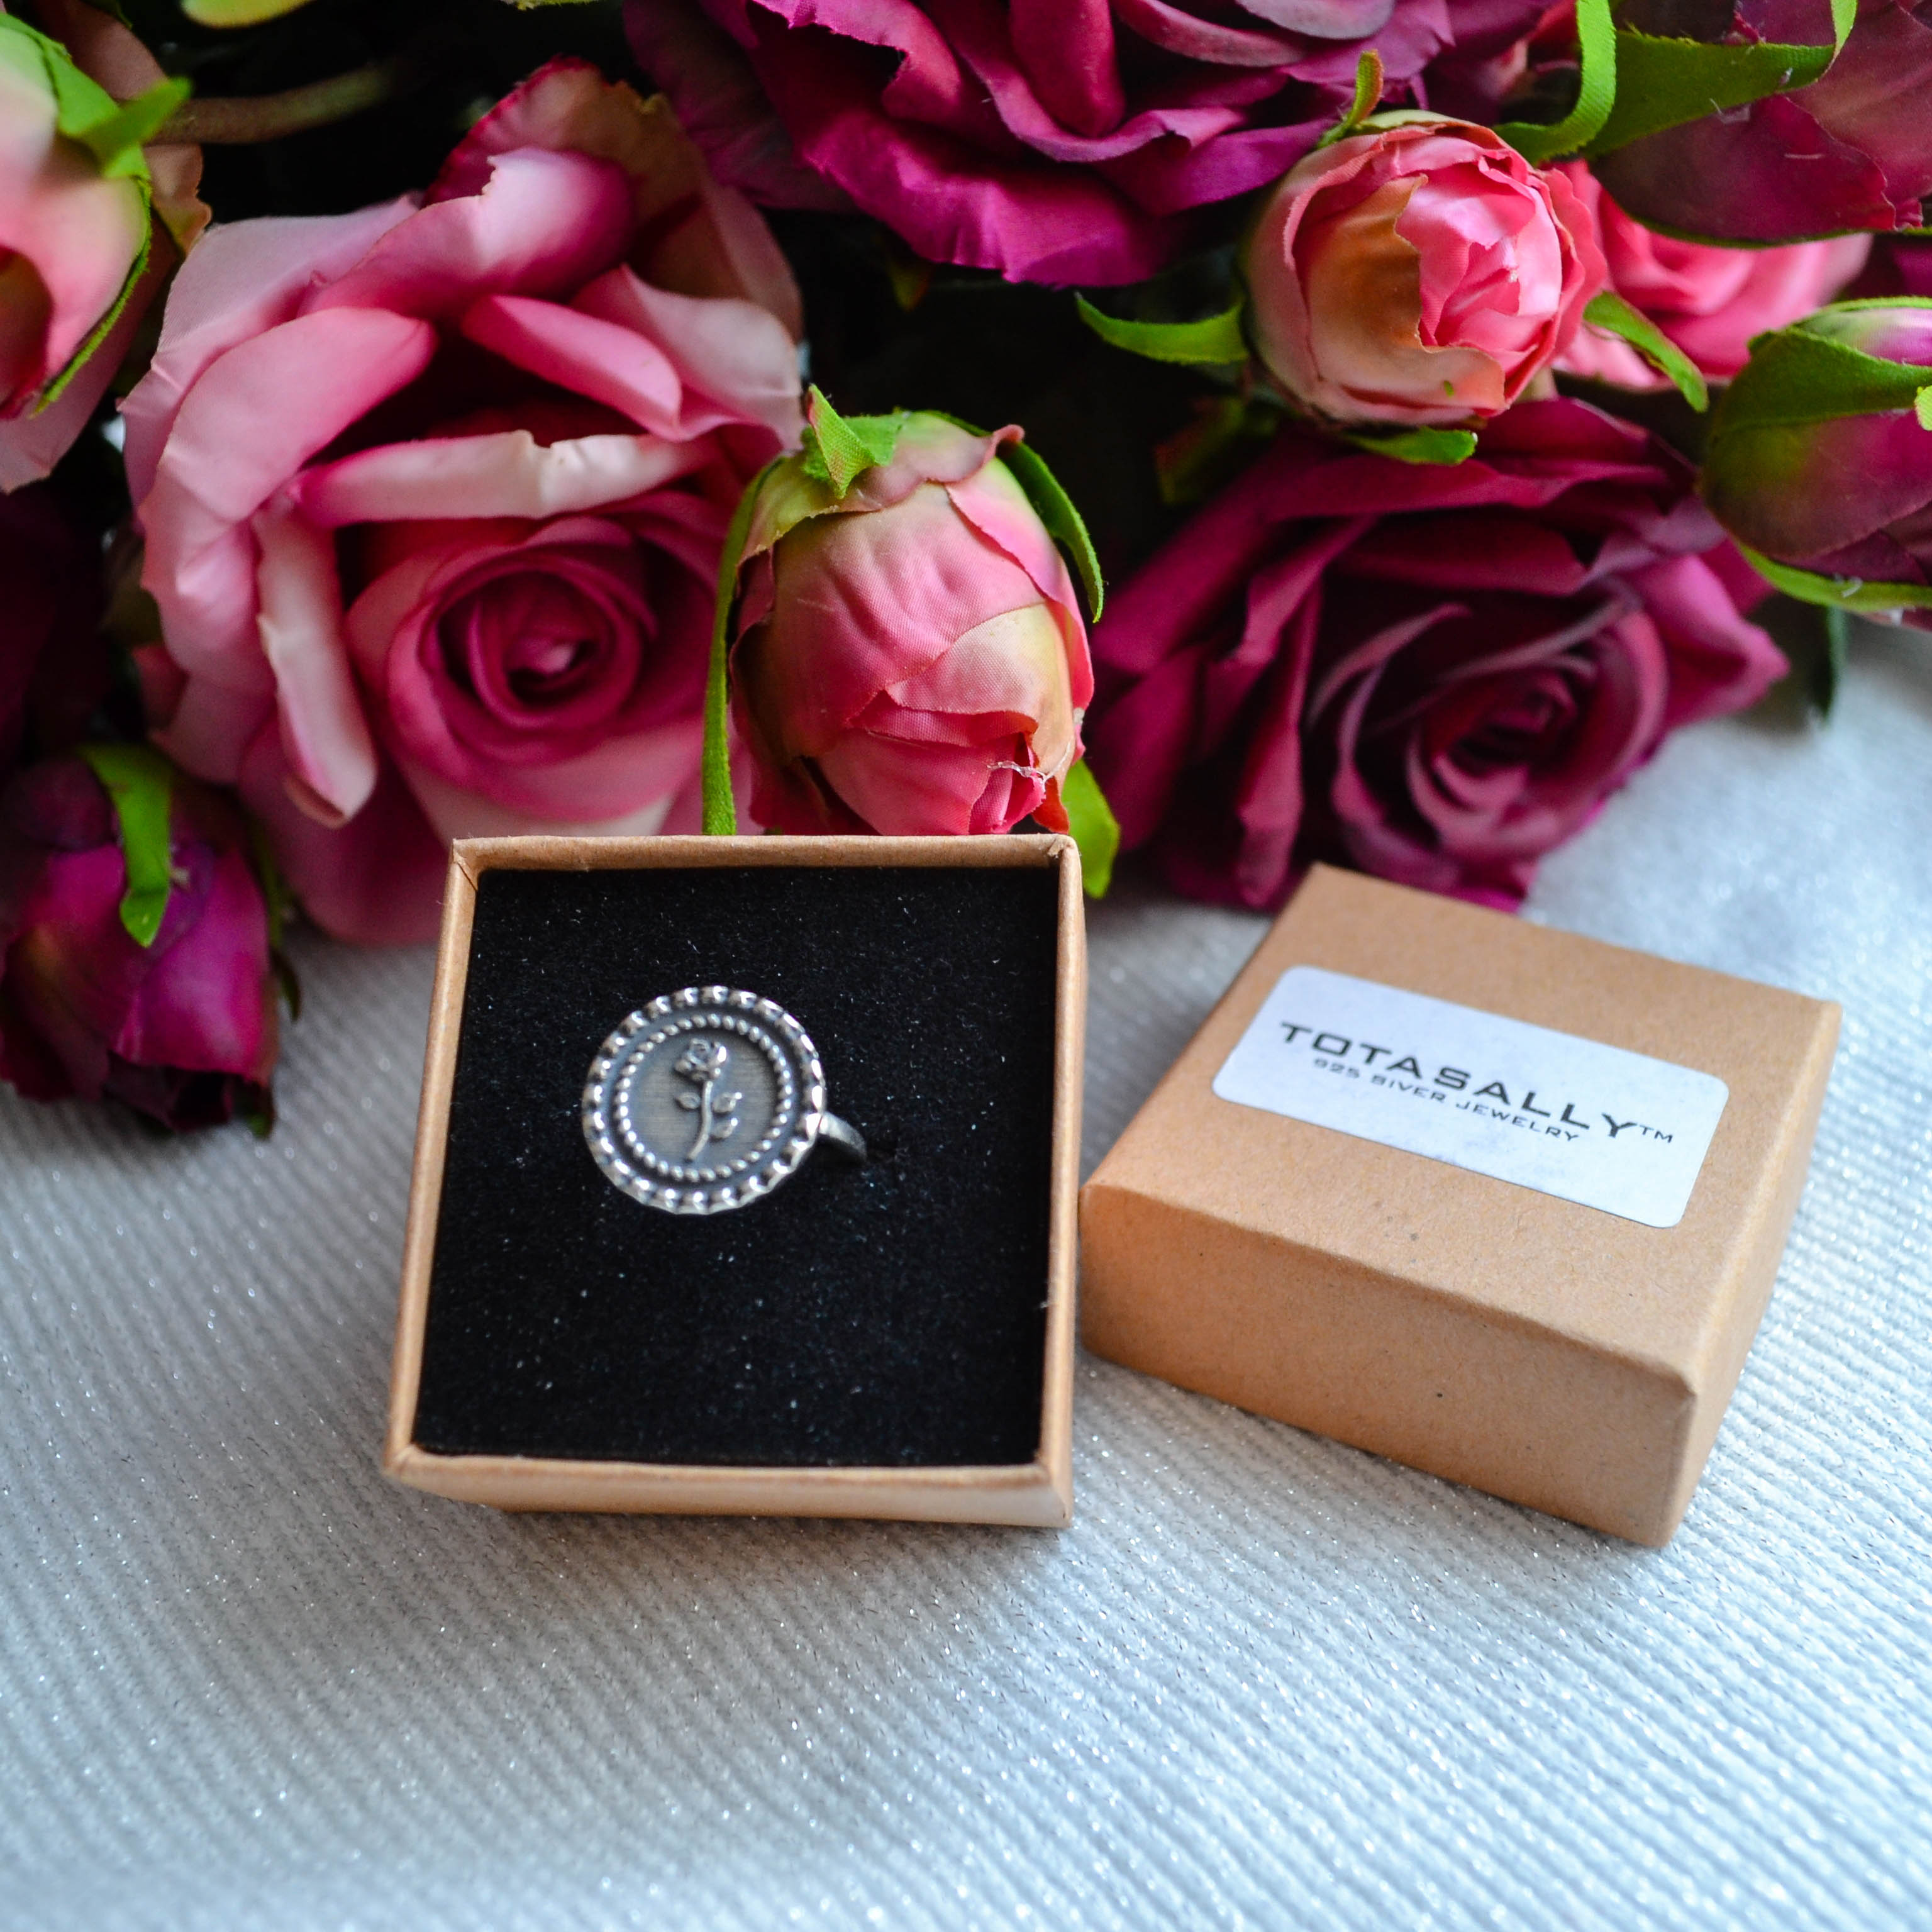 Винтажное серебряное кольцо с розойTotasally 925 silver jewelry